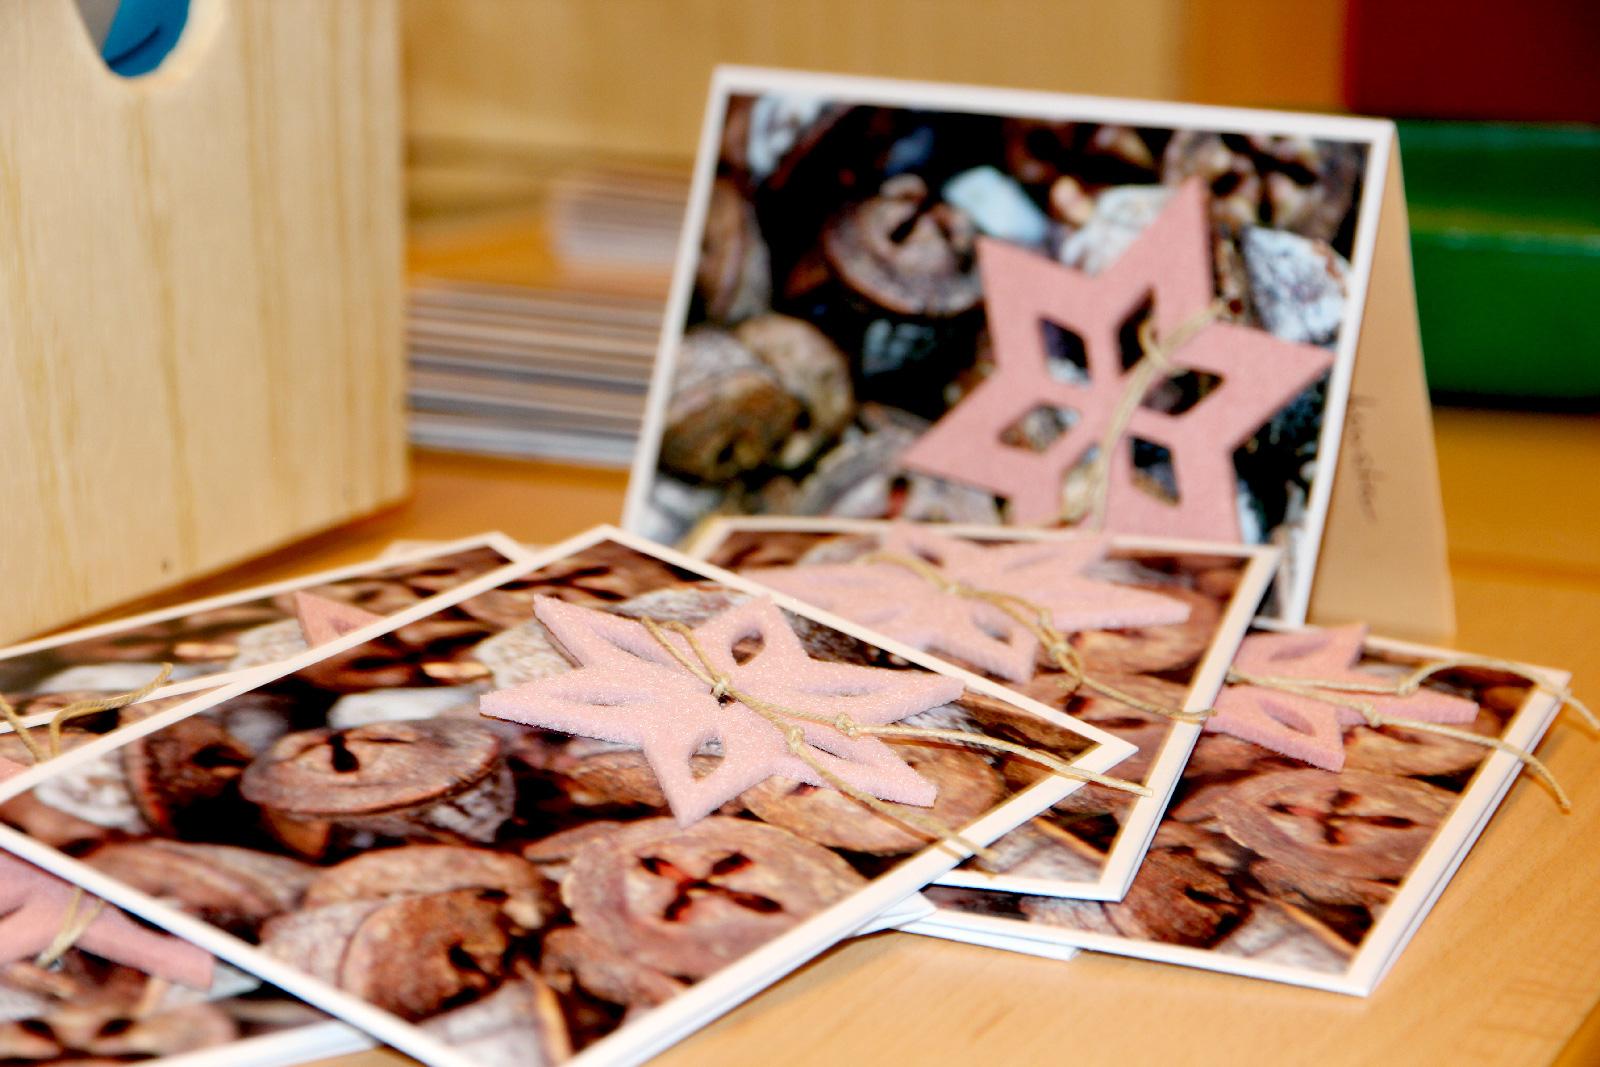 Einfach ein edler Hingucker. Die Grußkarten mit saisonalen Motiven und in 3D-Optik produziert Edith Tapprogge im Kunstunterricht mit ihren Schülern. Ganz neu ist das Weihnachtsmotiv mit Gewürzen und aufgefädeltem Filzstern.